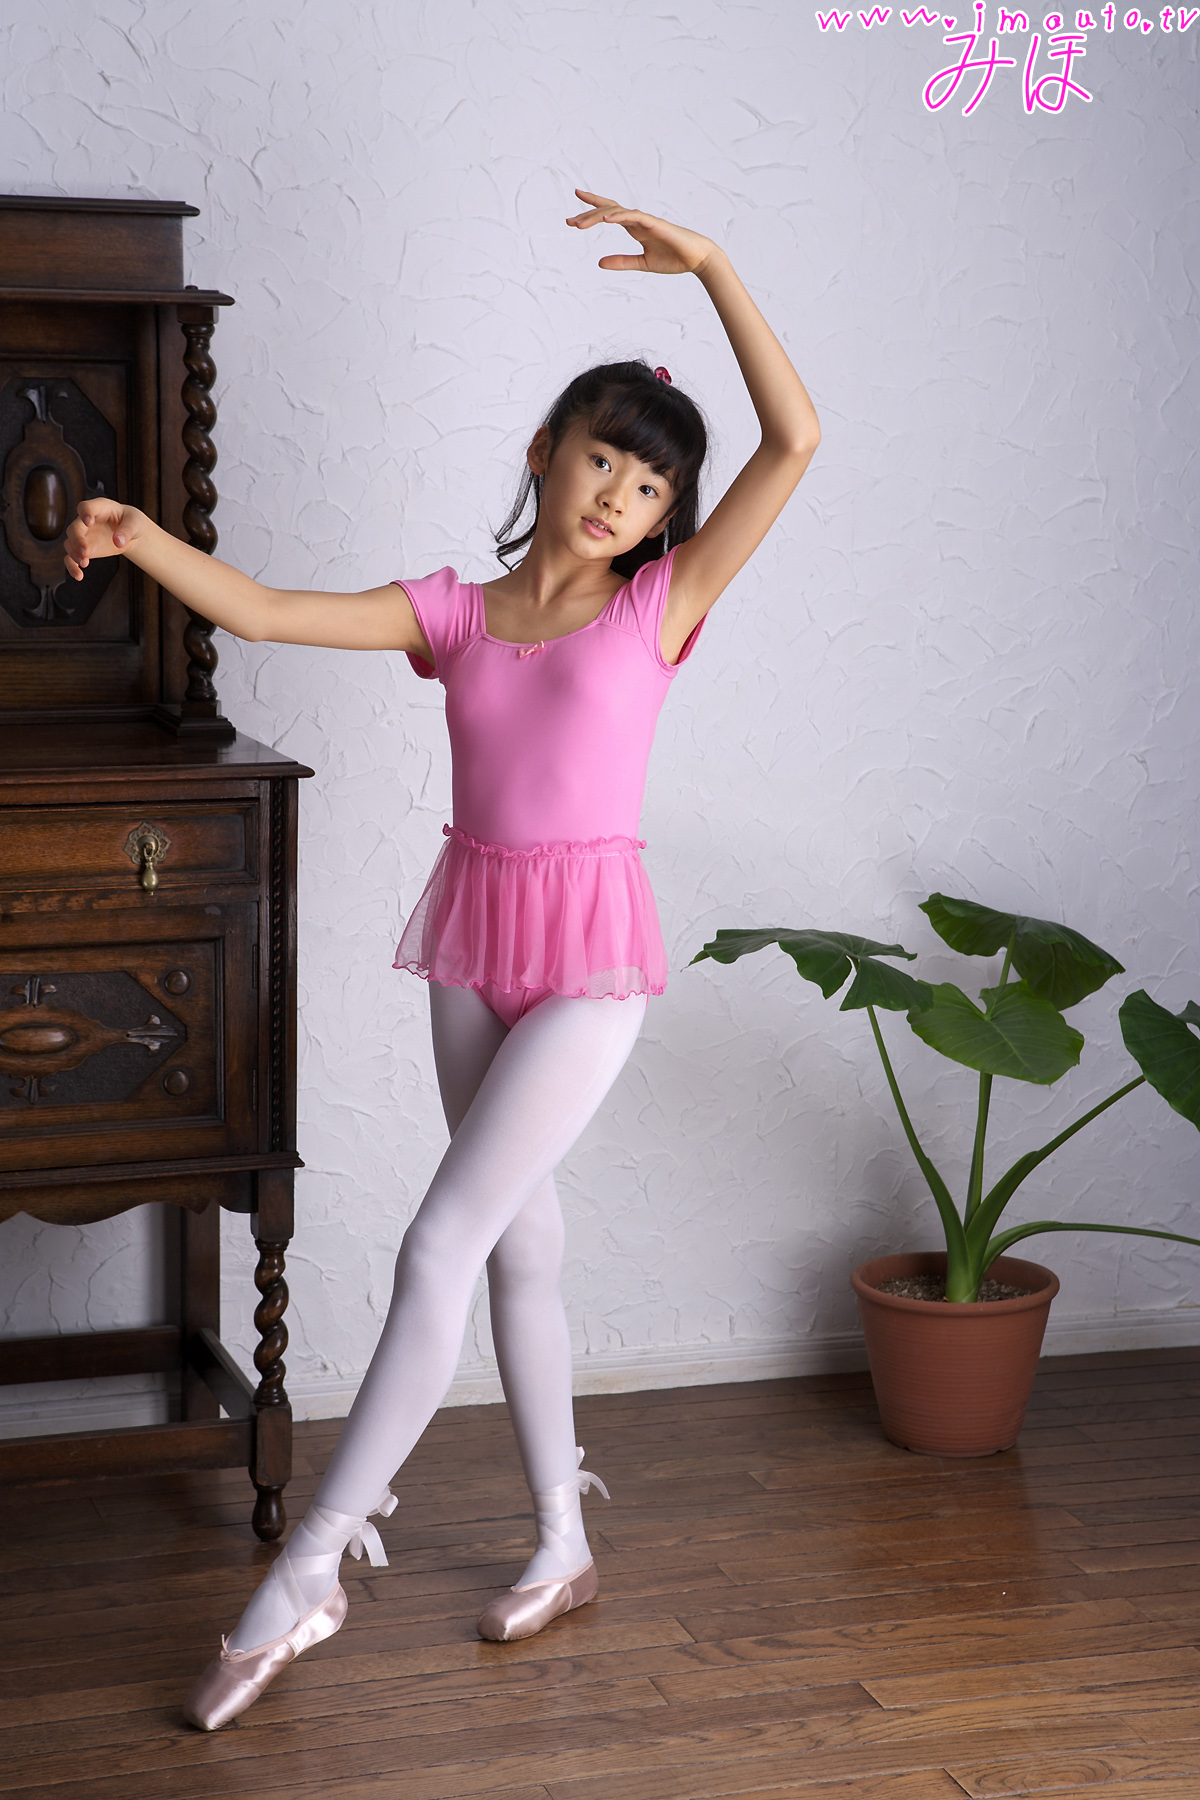 金子美穗跳芭蕾舞